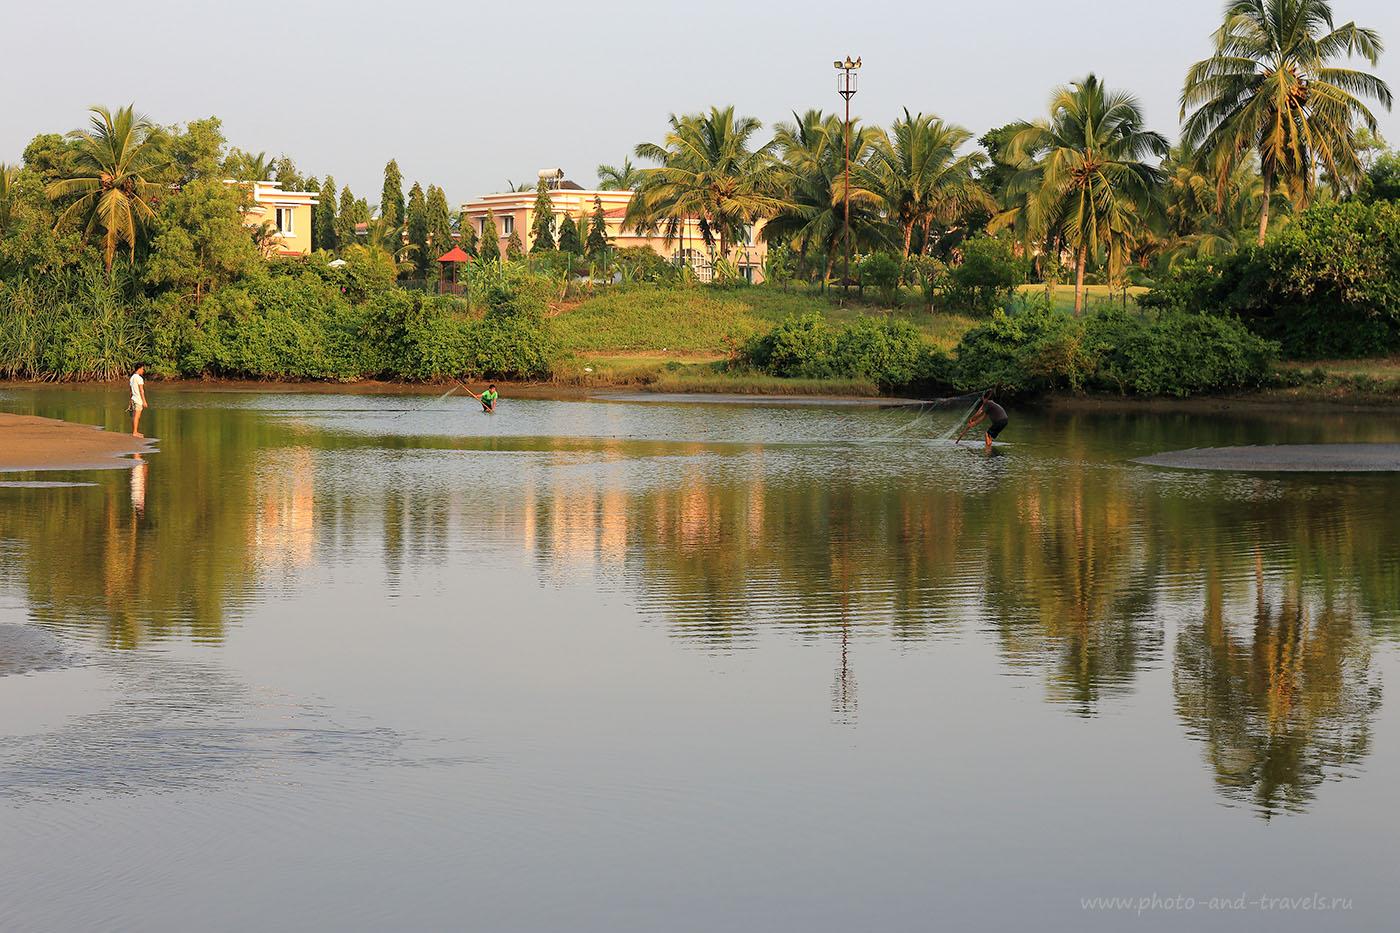 30. Рыбаки. Отзывы туристов об отдыхе на Южном Гоа в Индии. (24-70, 1/125, -1eV, f9, 70mm, ISO 100)